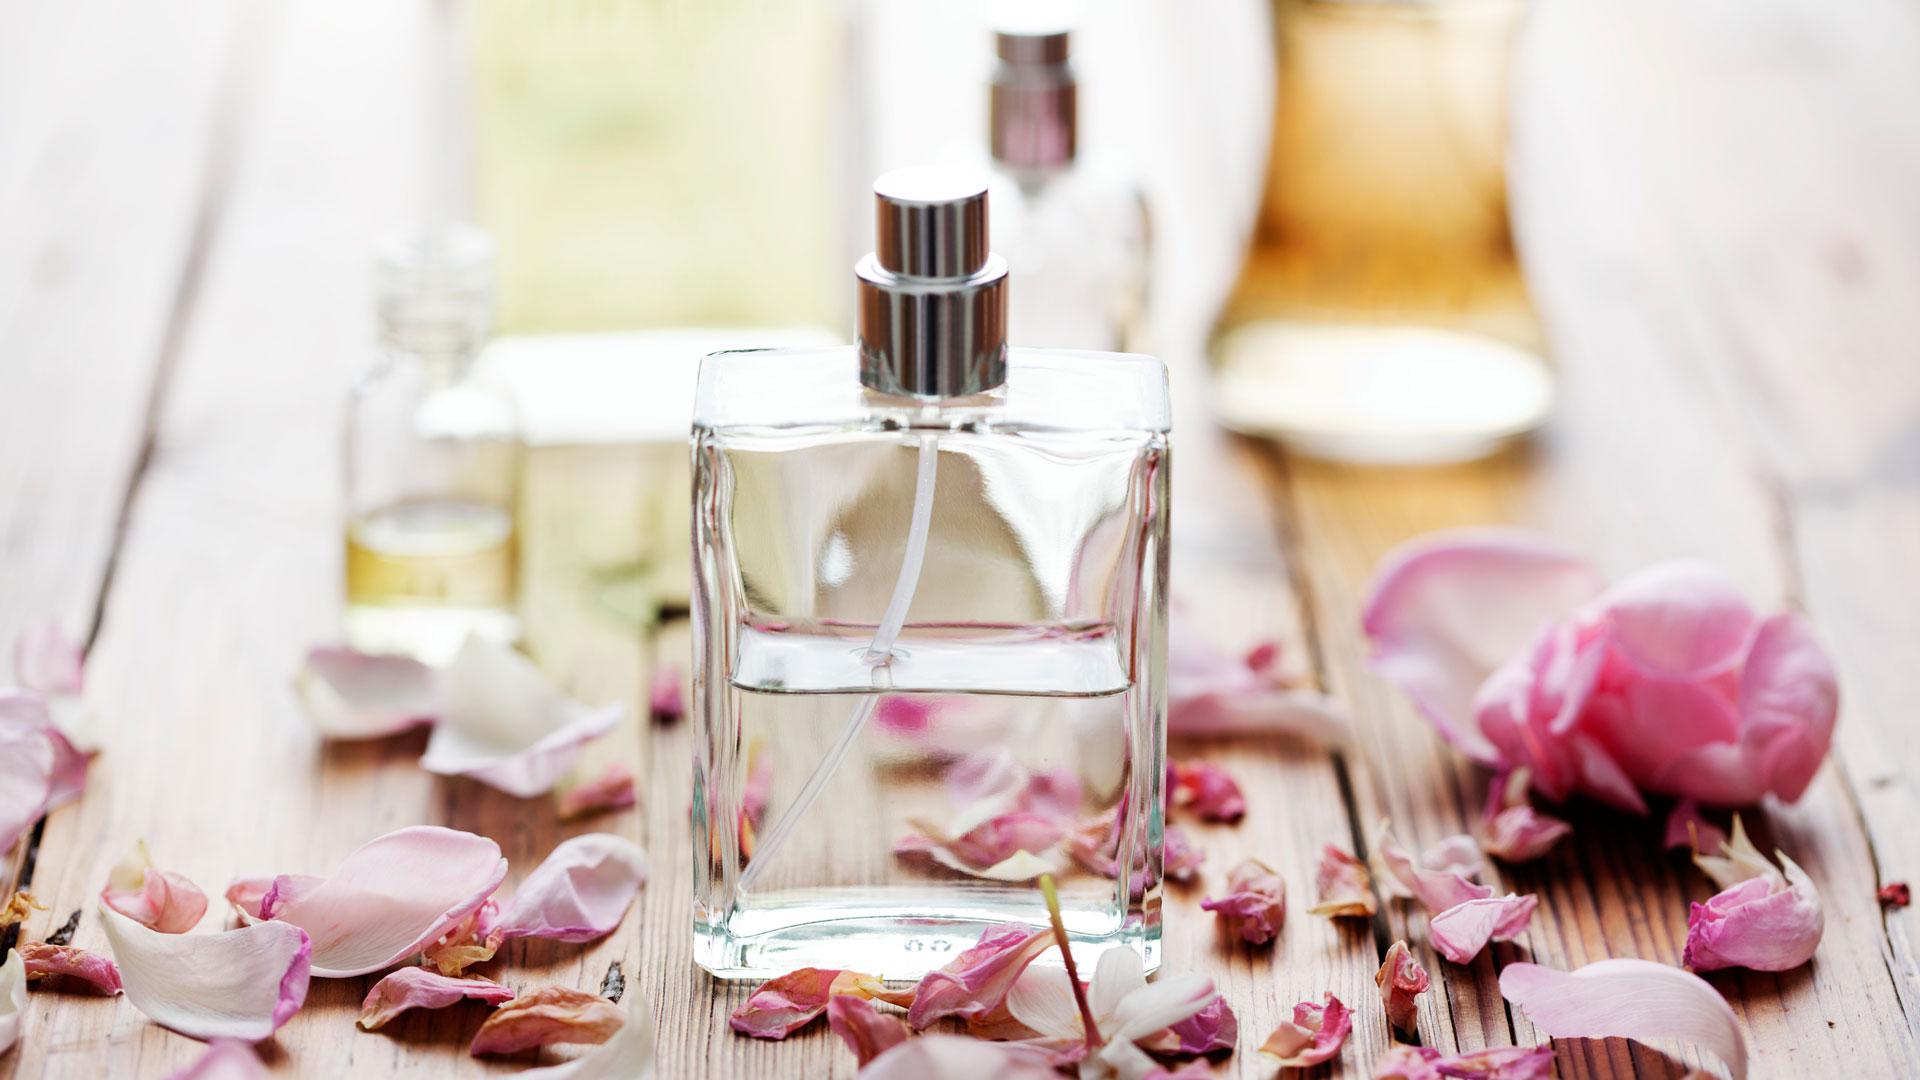 Perfume - Cortesía